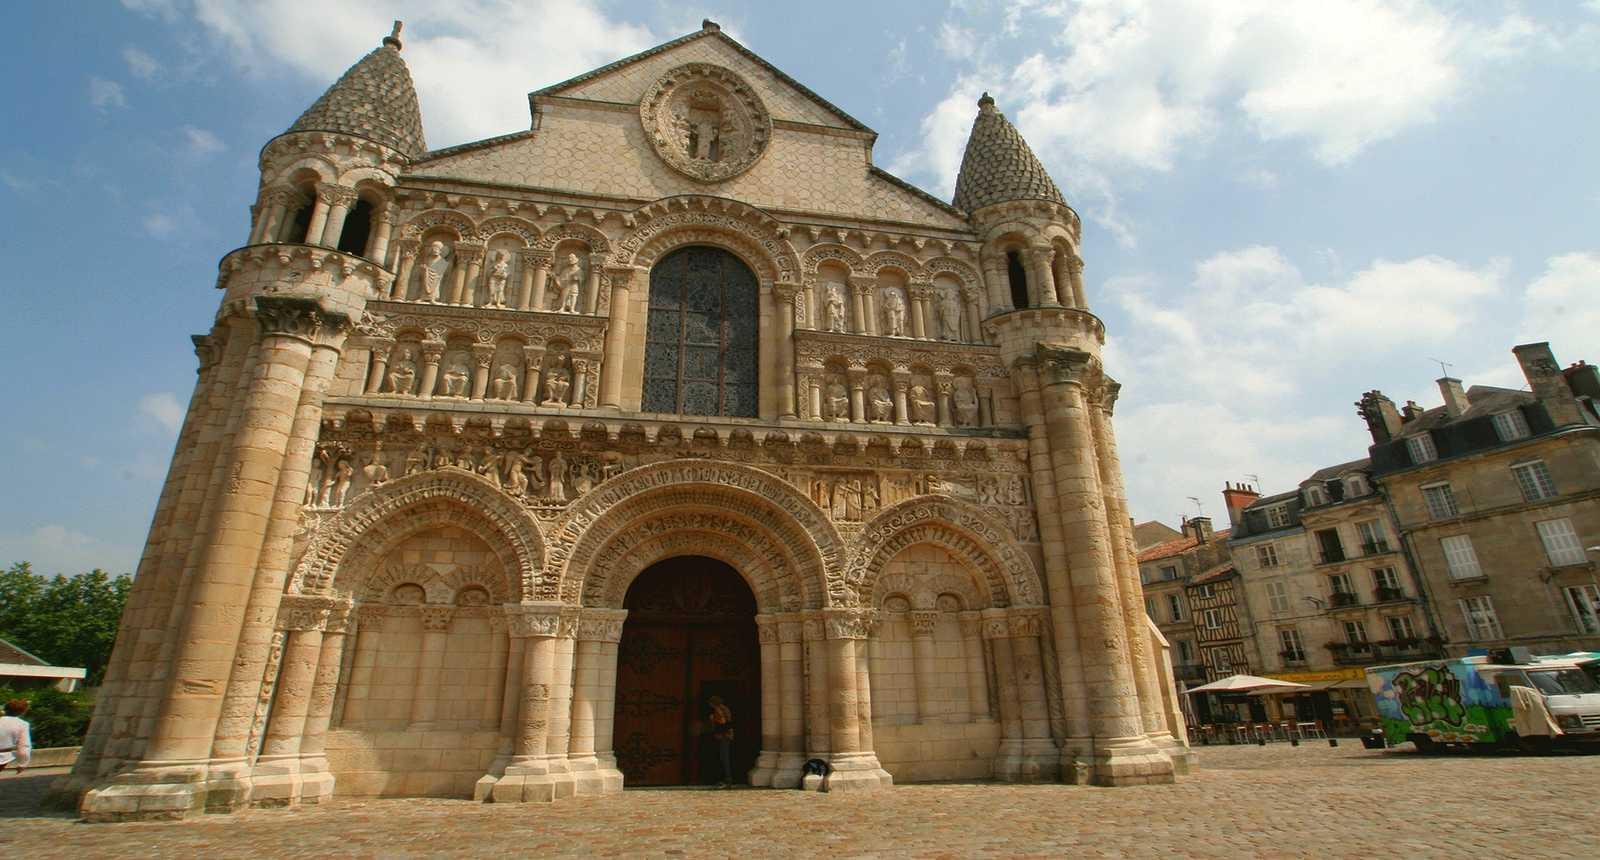 L'église Notre-Dame-la-Grande de Poitiers